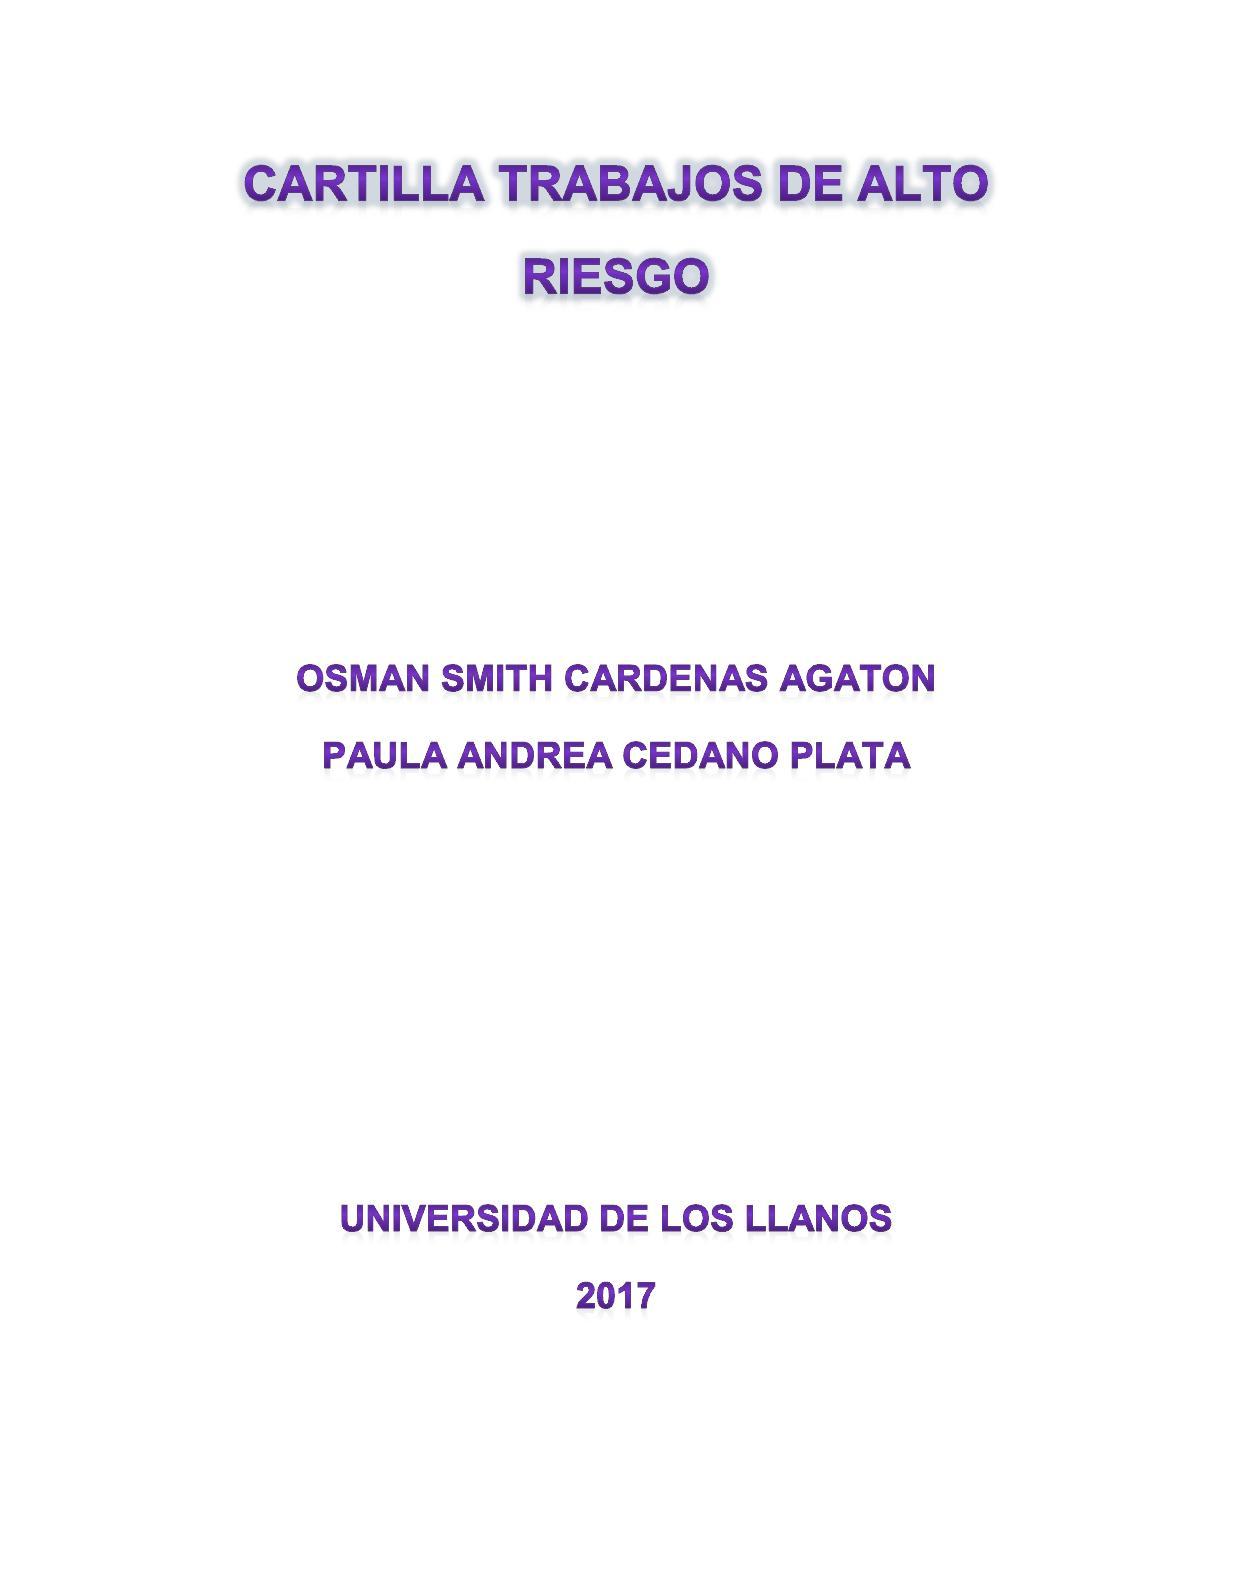 Cartilla Trabajos De Alto Riesgo 2017